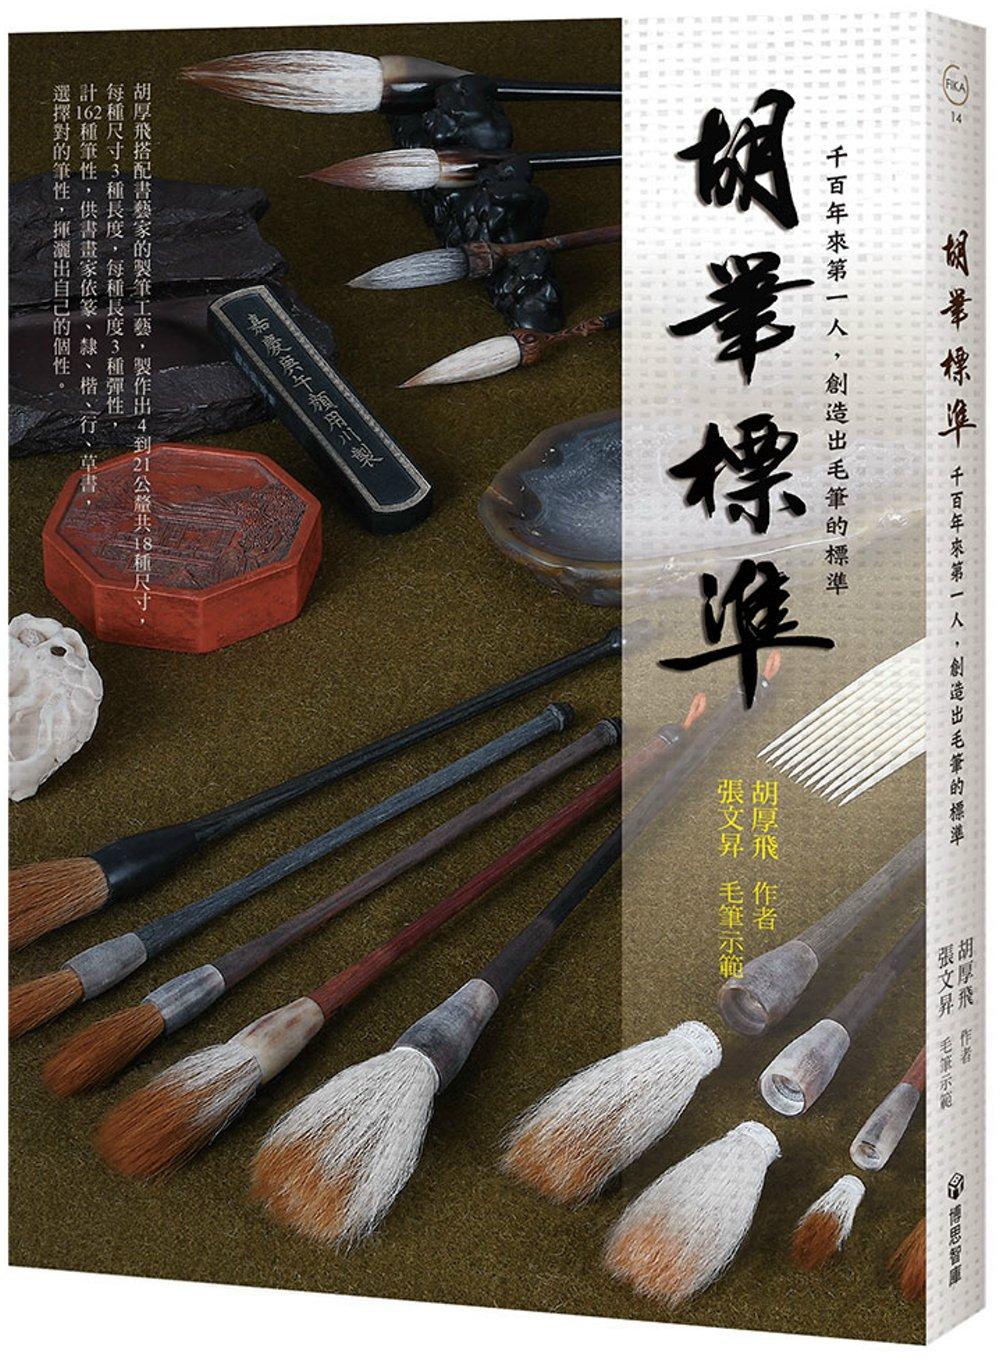 胡筆標準:千百年來第一人,創造出毛筆的標準